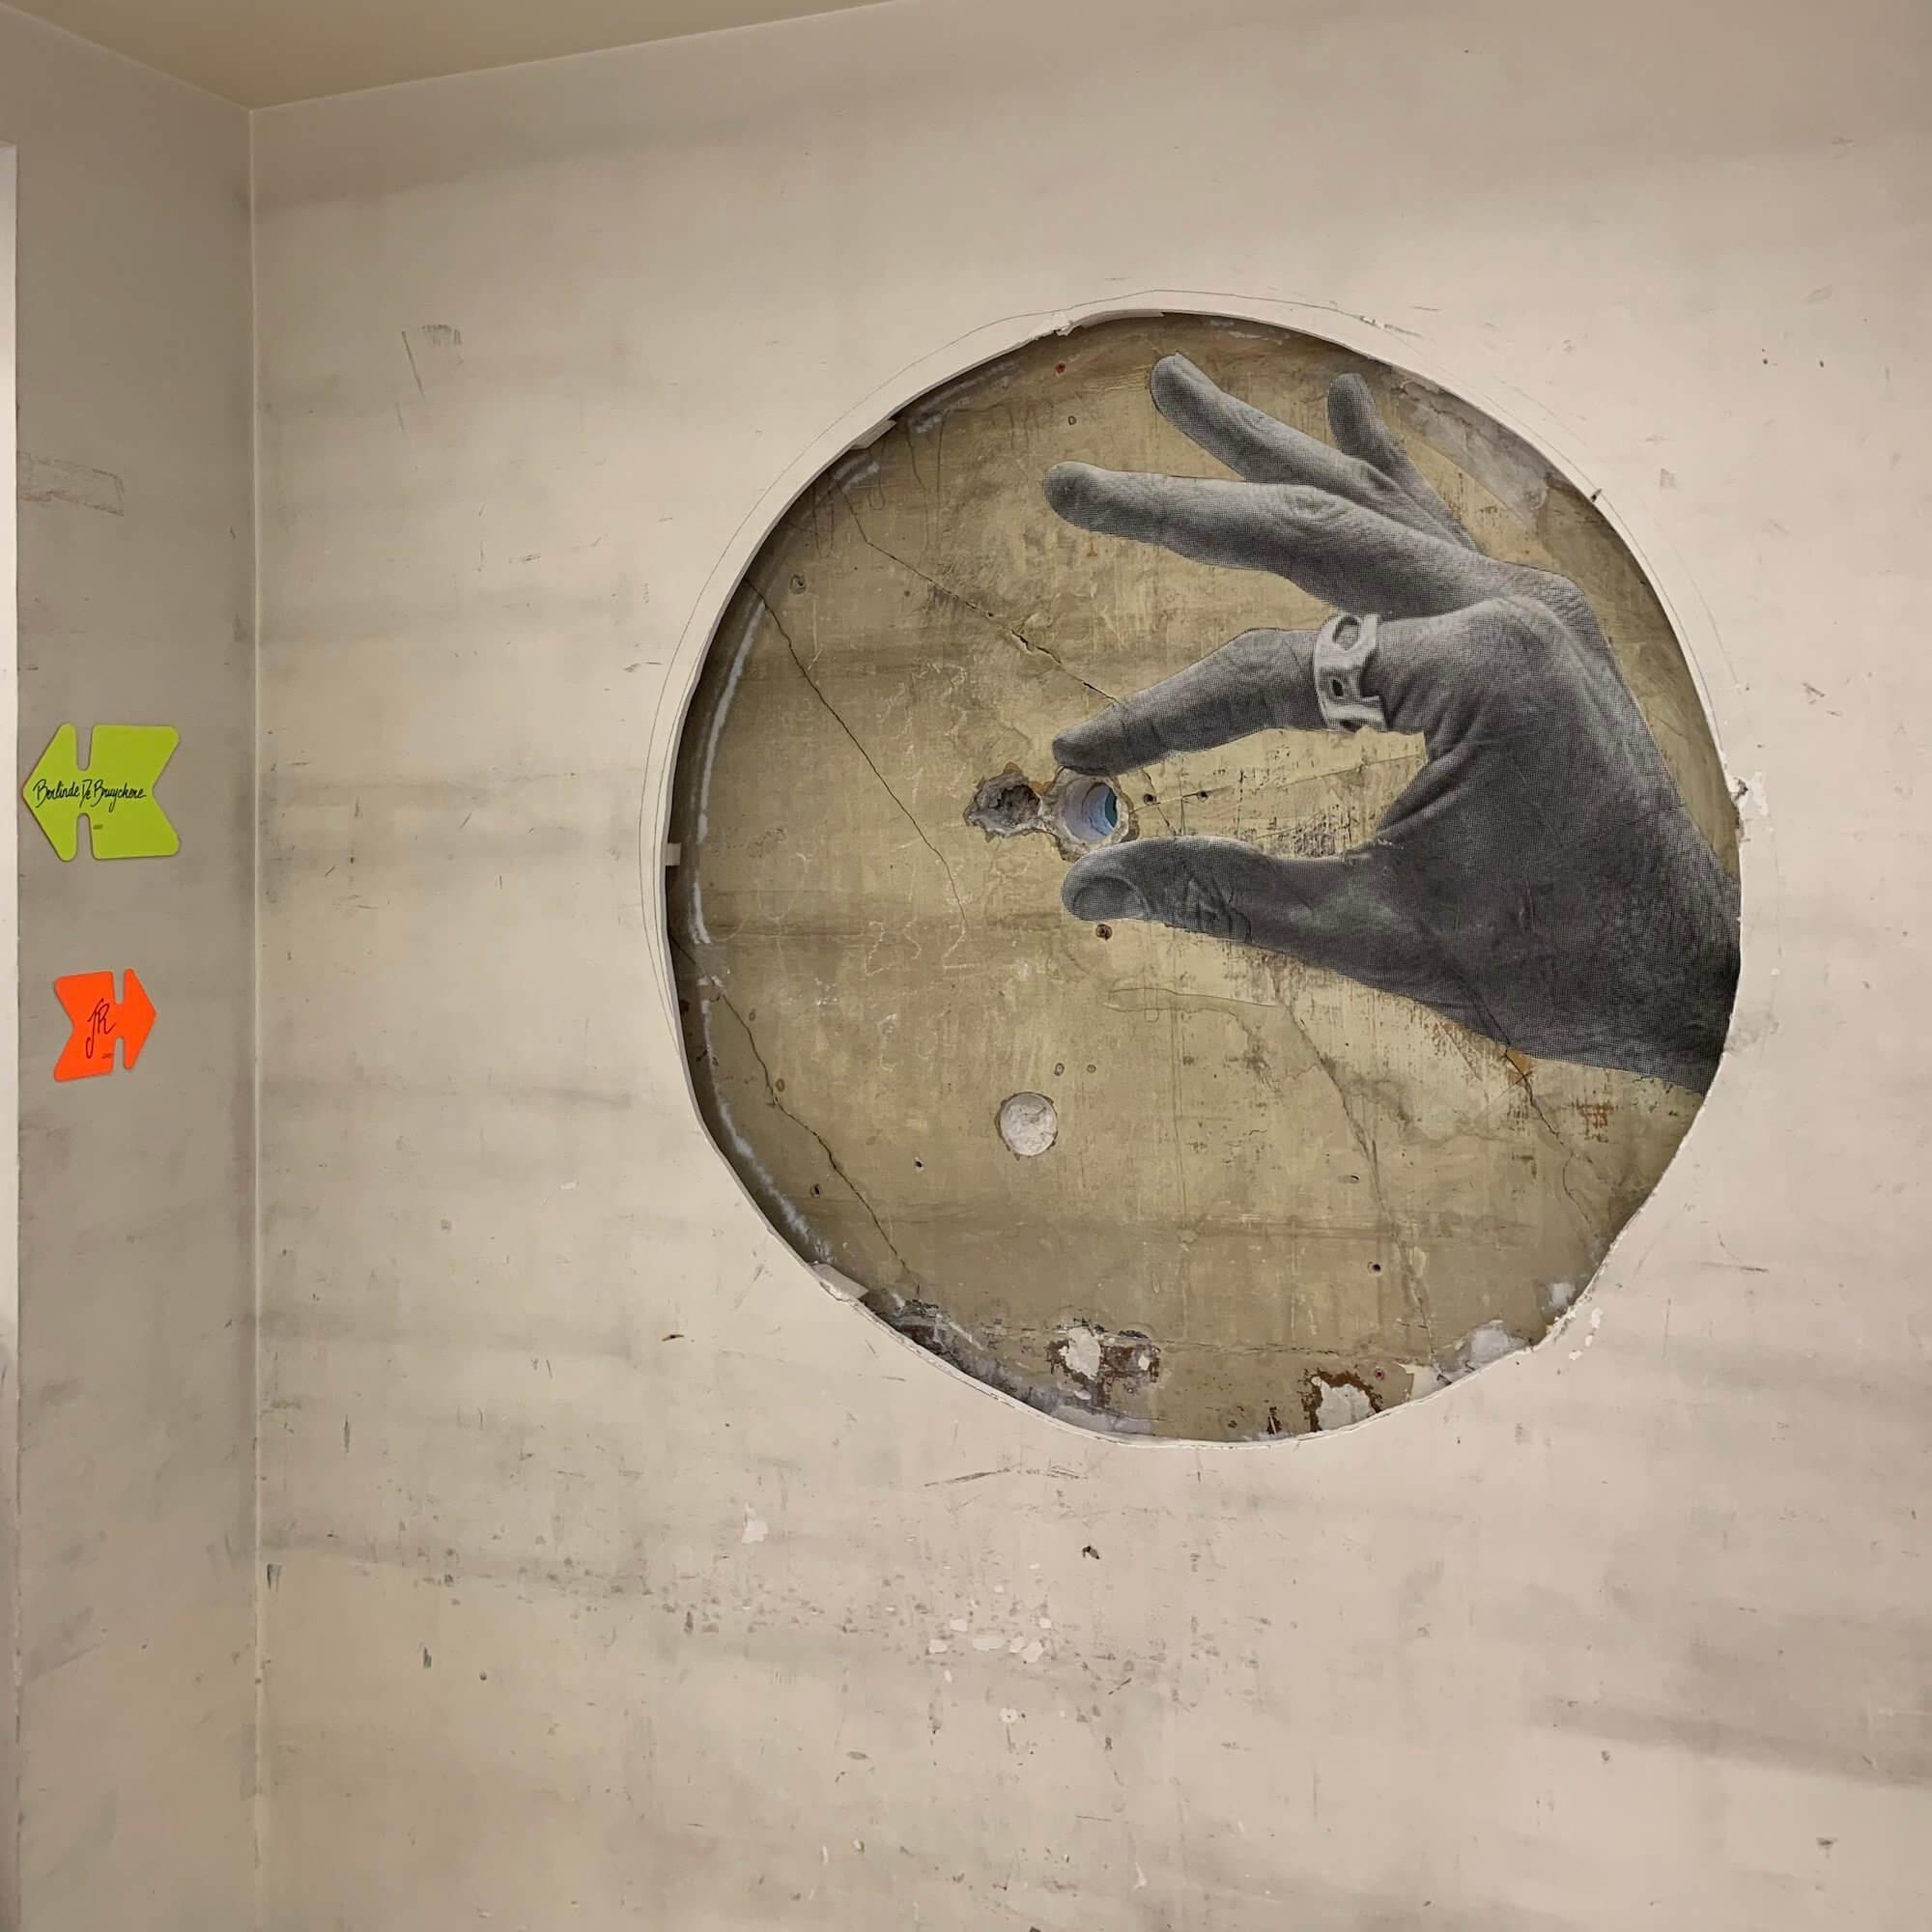 galleria continua 11 Galleria Continua apre a Parigi